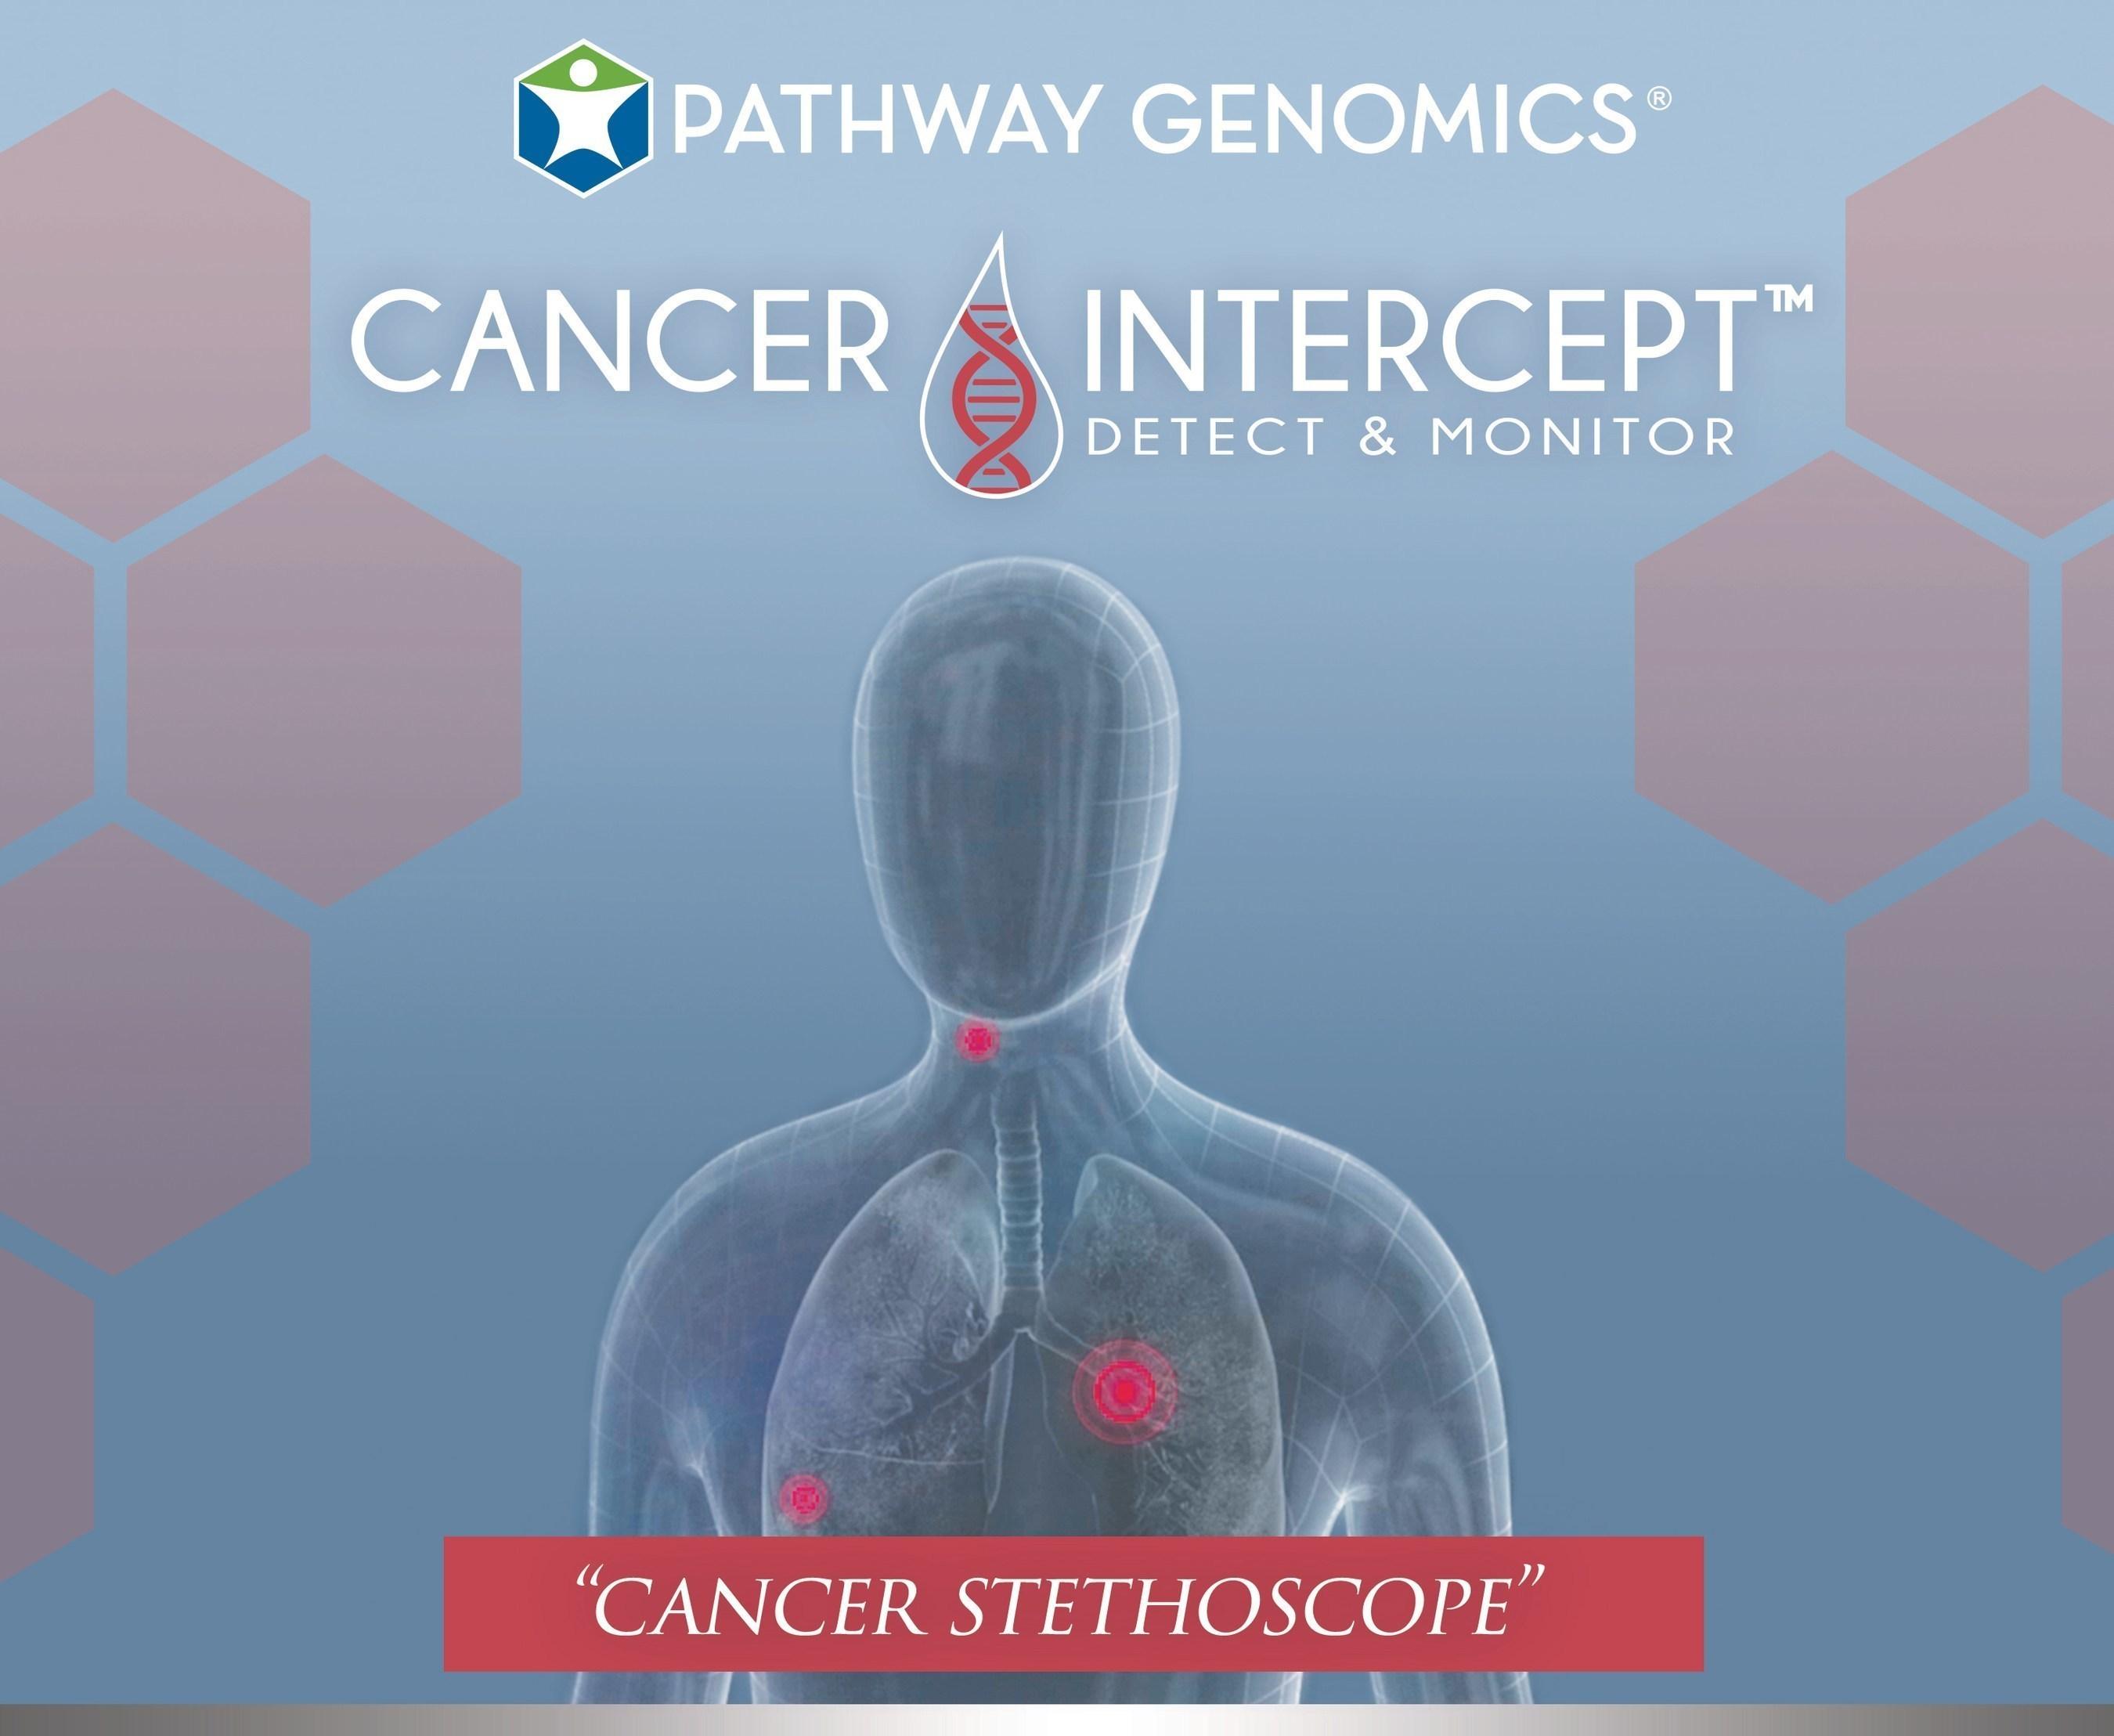 Pathway Genomics представляет первый тест жидкостной биопсии для выявления рако-ассоциированных